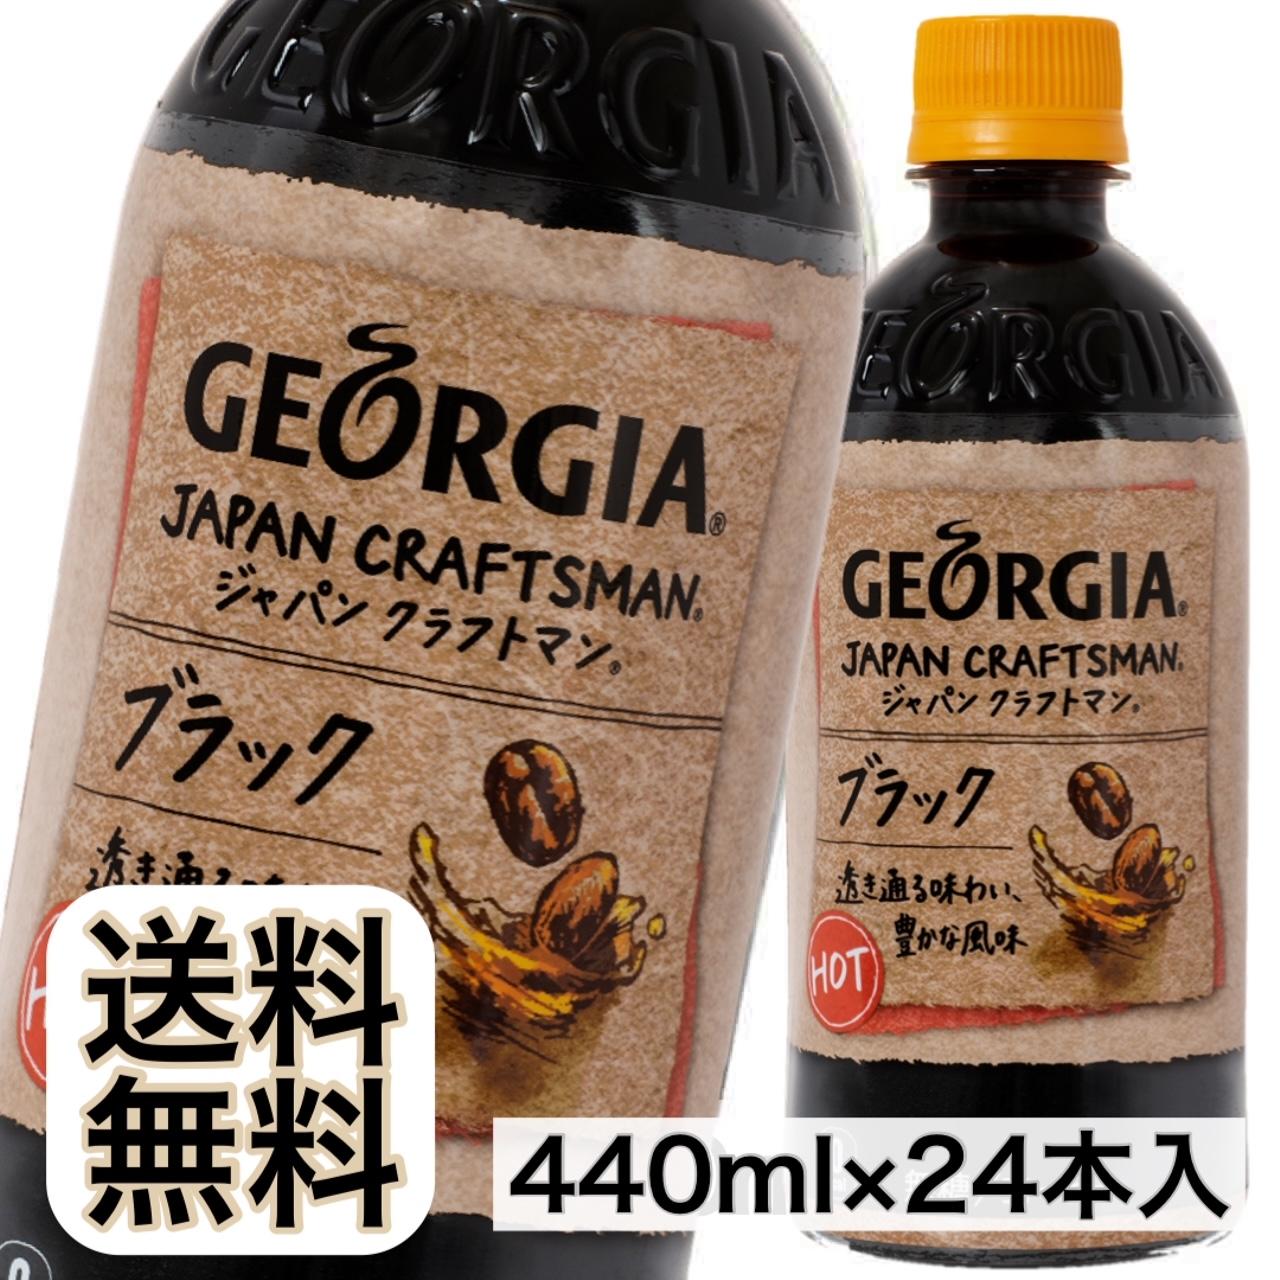 通常3000円以上の商品です ジョージア ジャパンクラフトマン ブラック 440ml 24本入り 加温 賞味期限2021.12.31 全品最安値に挑戦 エコイート 食品ロス削減 ※北海道と沖縄へは1ケース毎に中継料がかかります 珈琲 飲料 大好評です コーヒー 日本もったいない食品センター